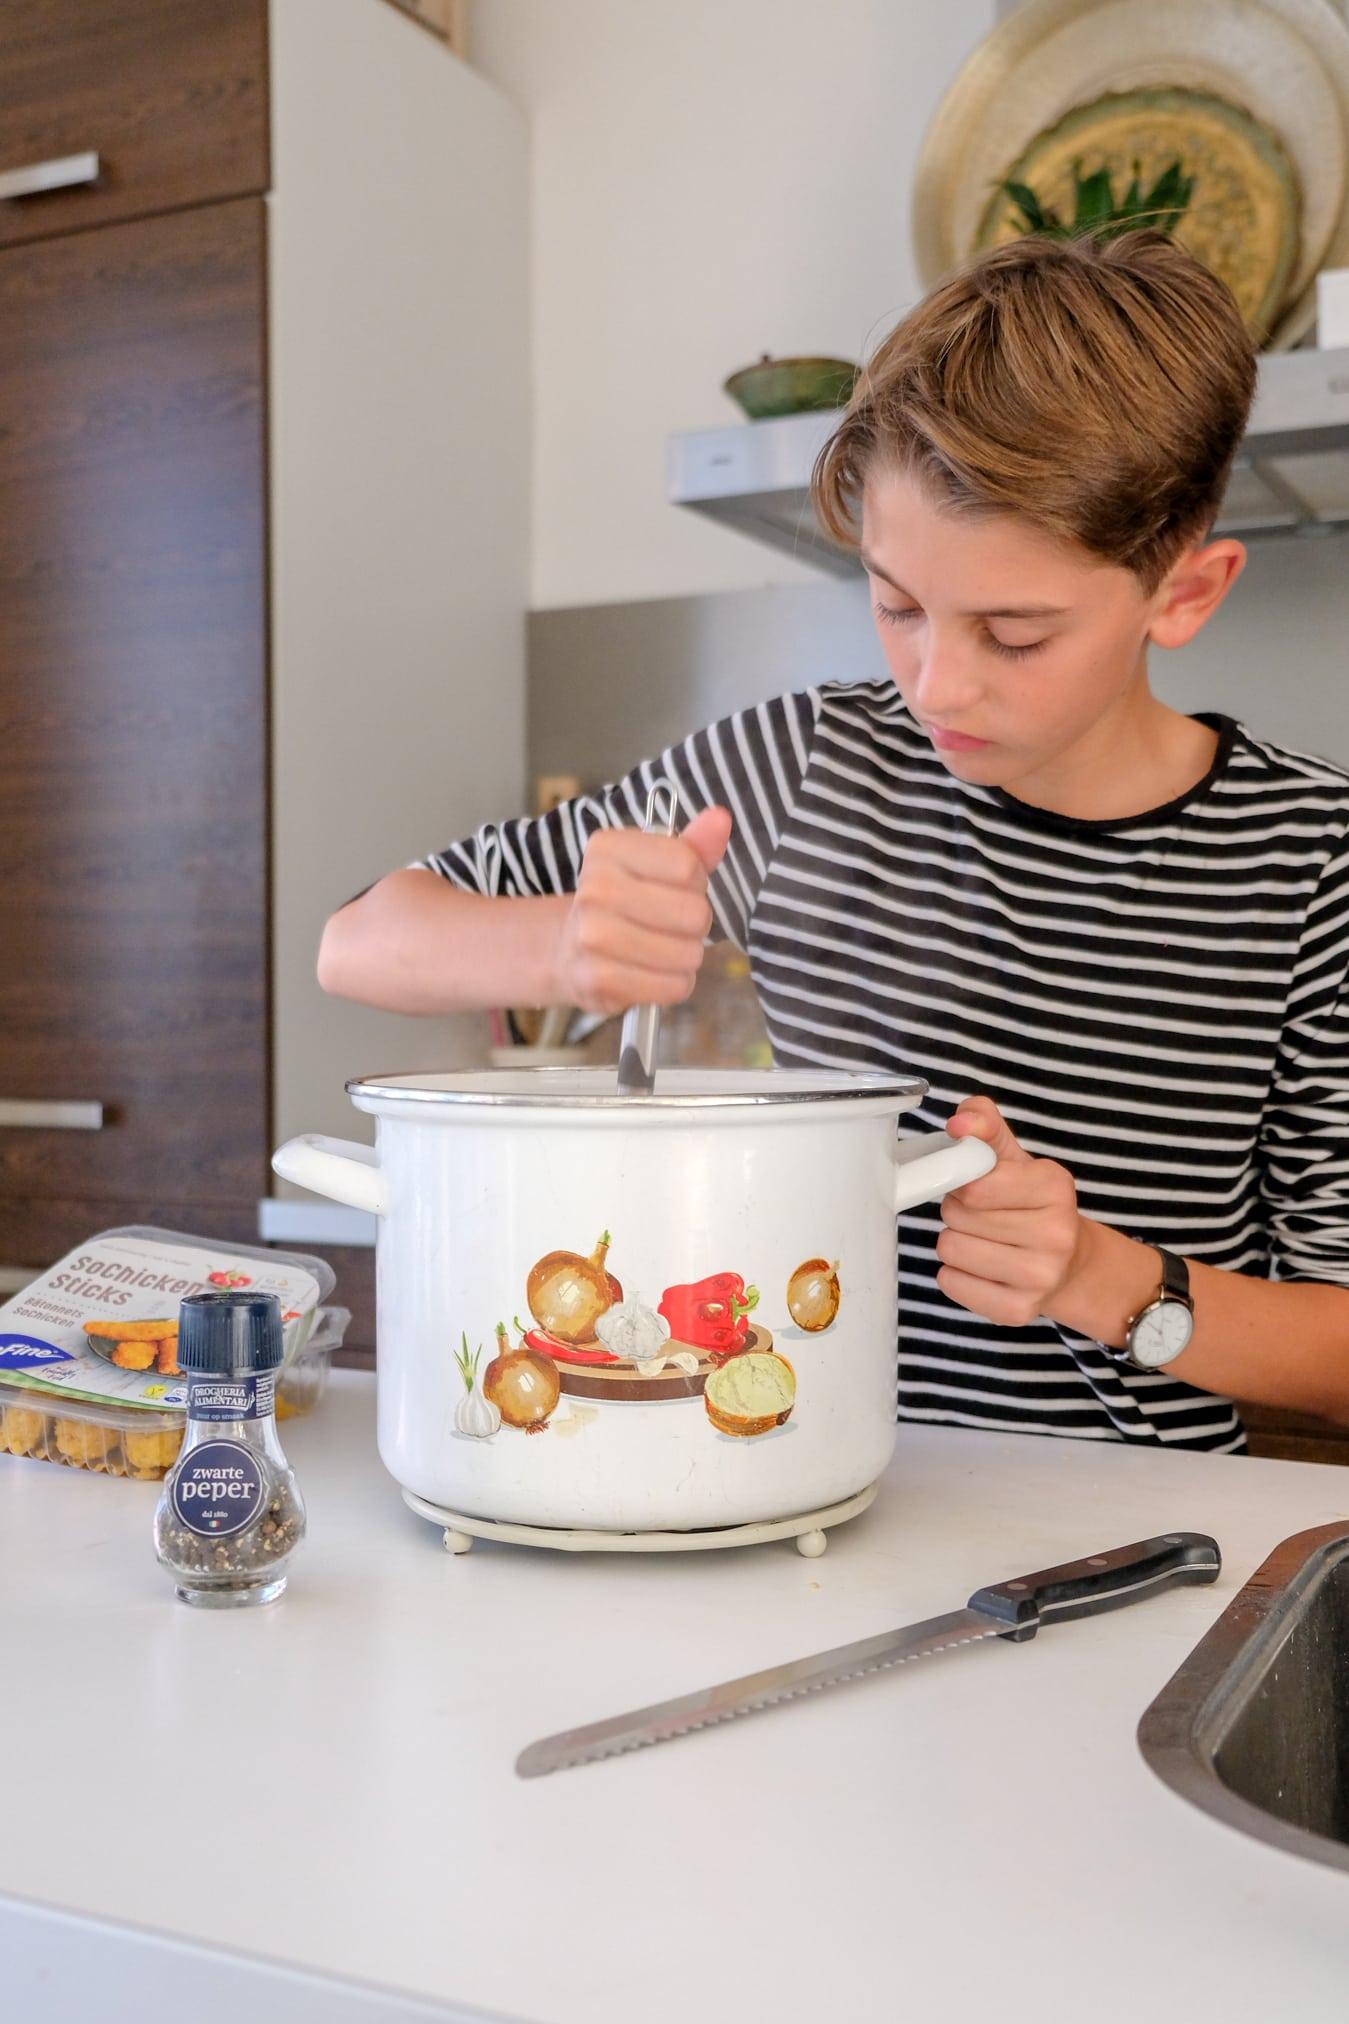 gerechten maken tieners